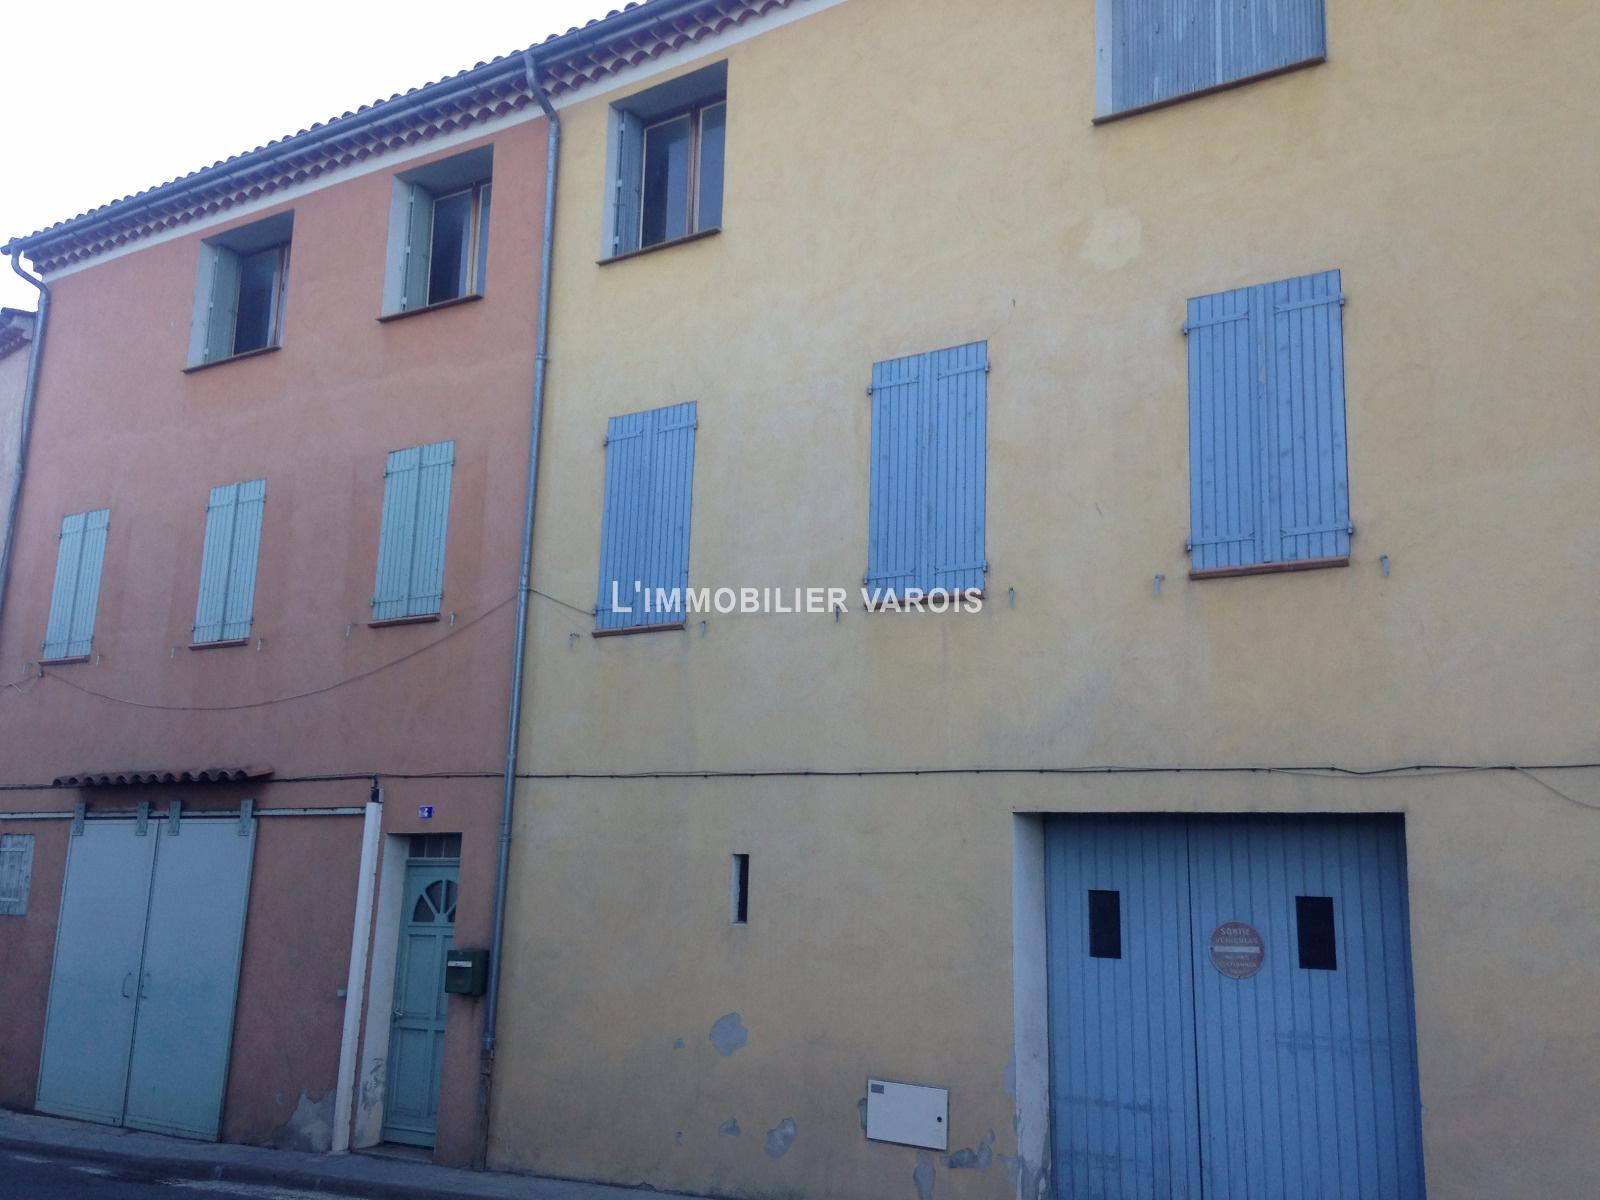 Vente appartement pierrefeu du var maisons et villas for Appartement atypique var